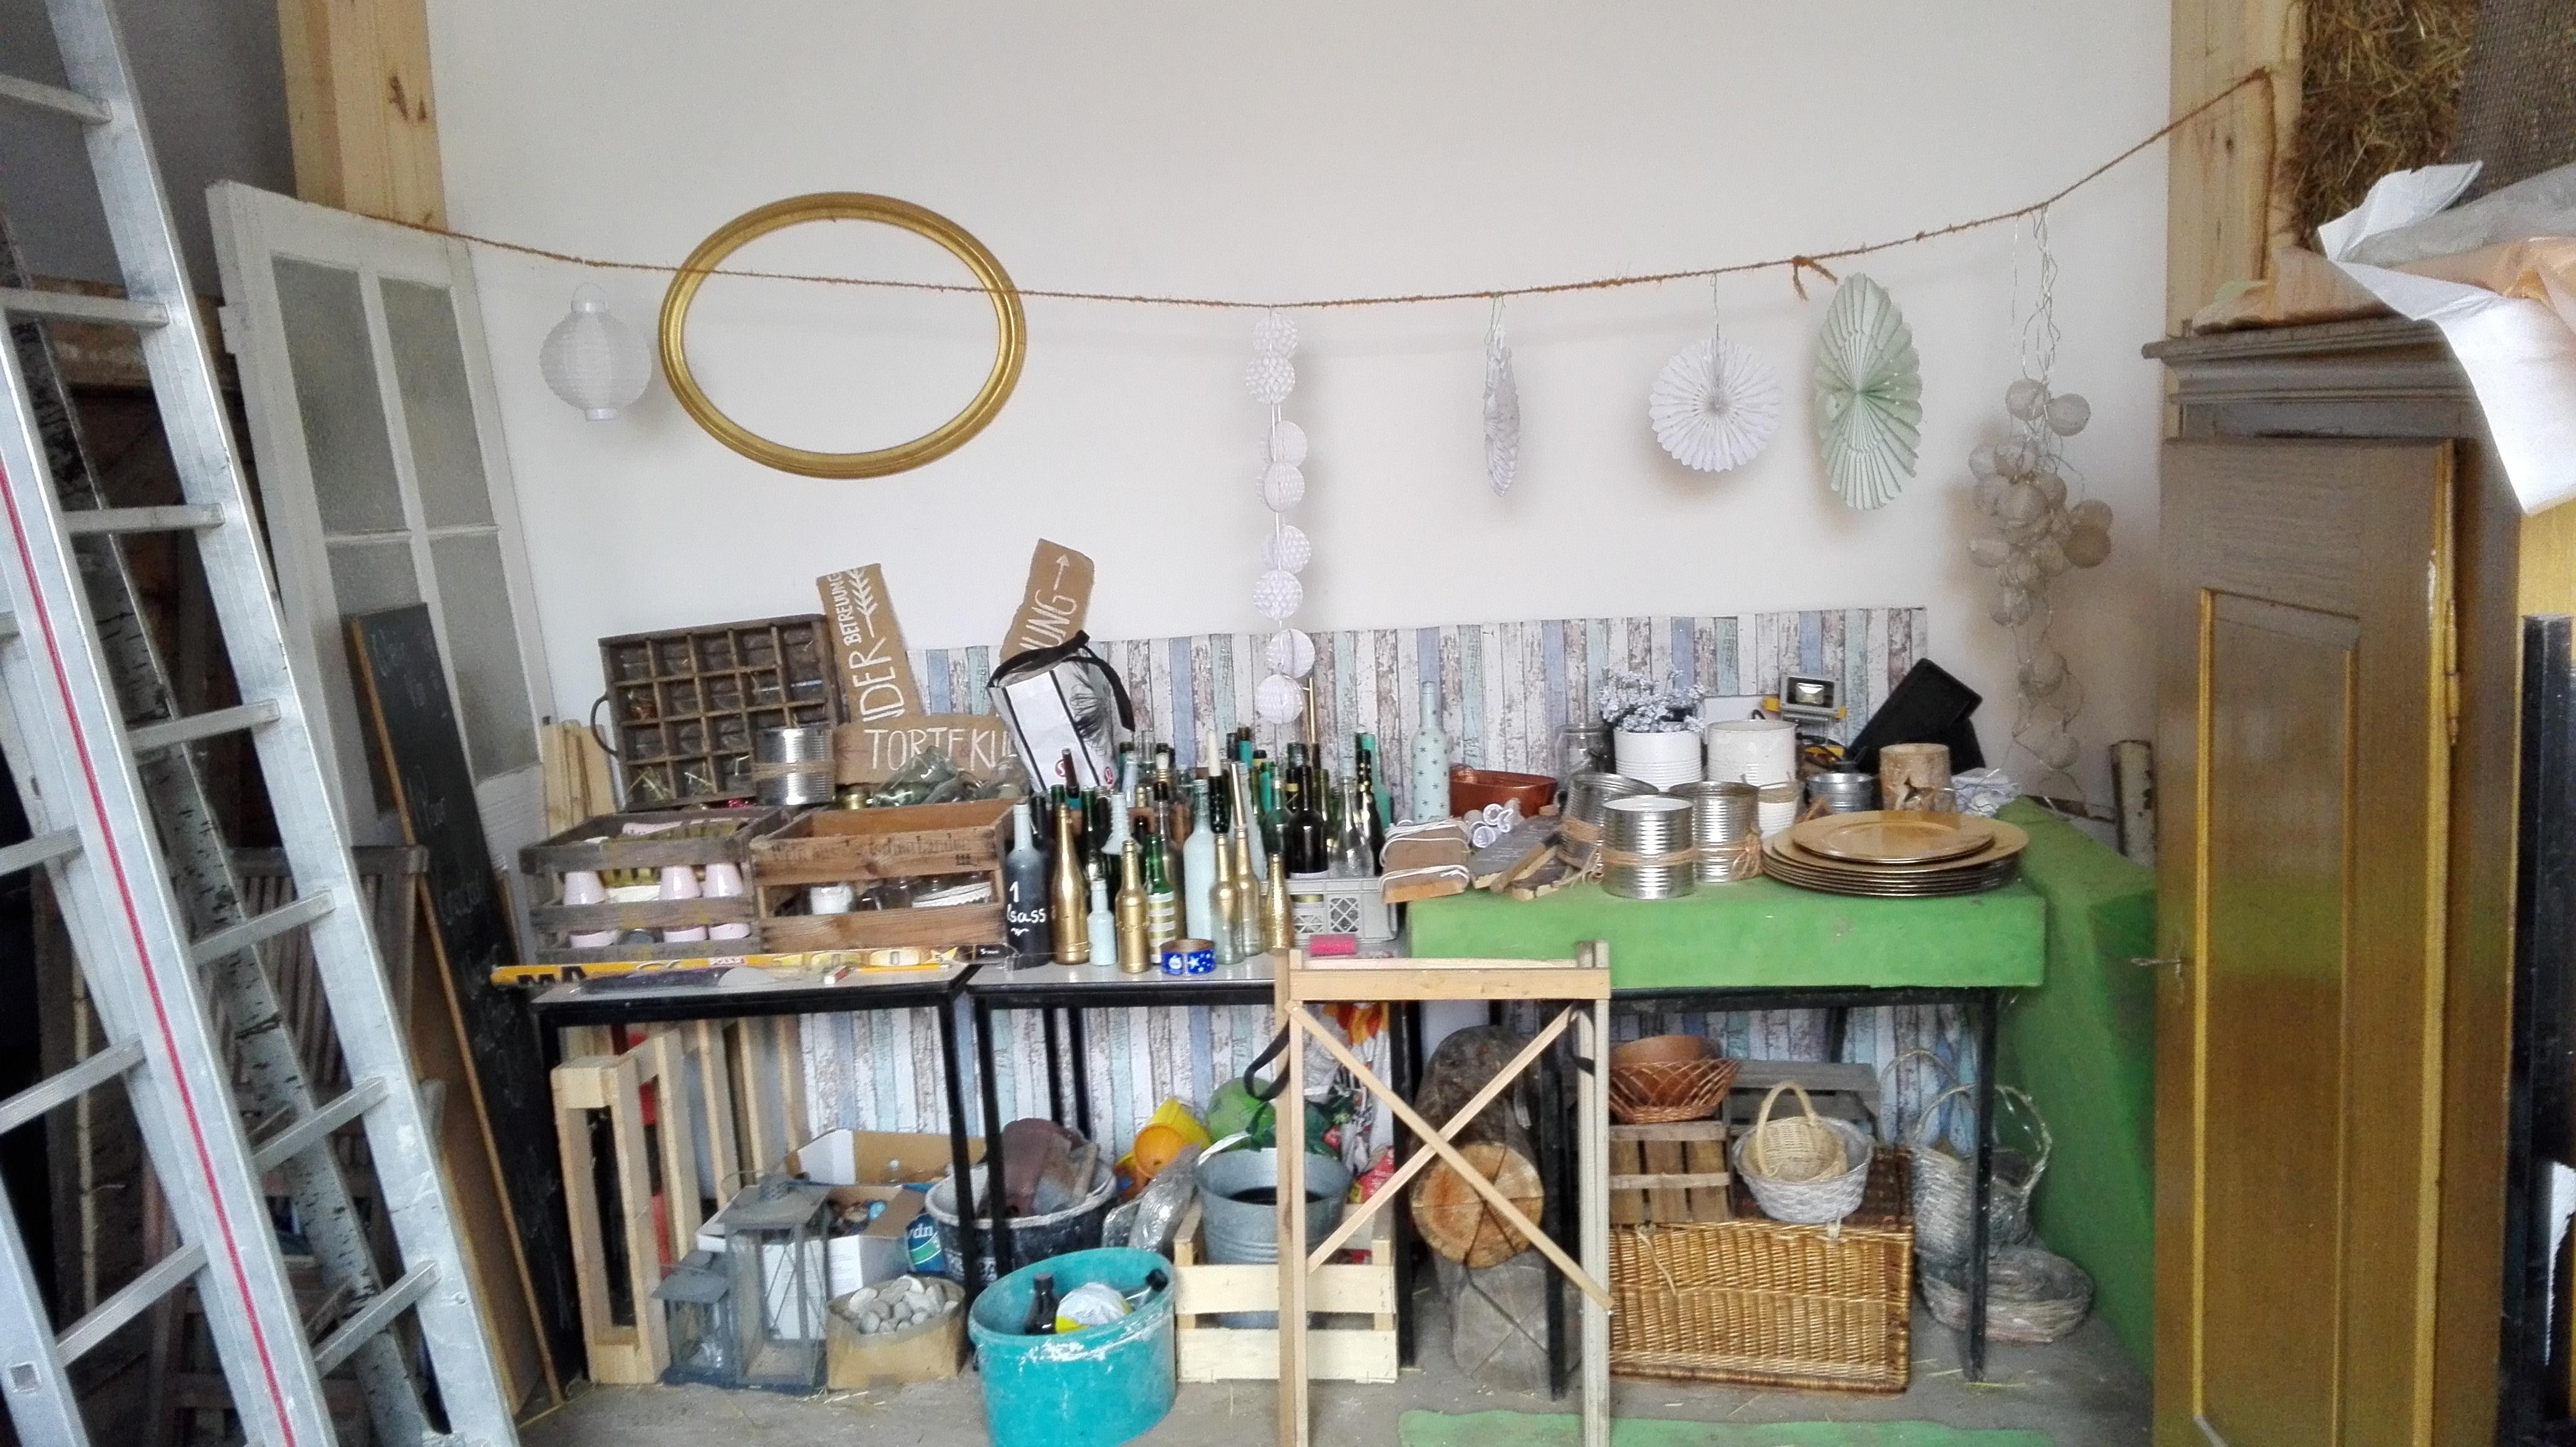 Ausstattung im Haus am Bauernsee. Möbel, Geschirr, Technik, Deko und ...